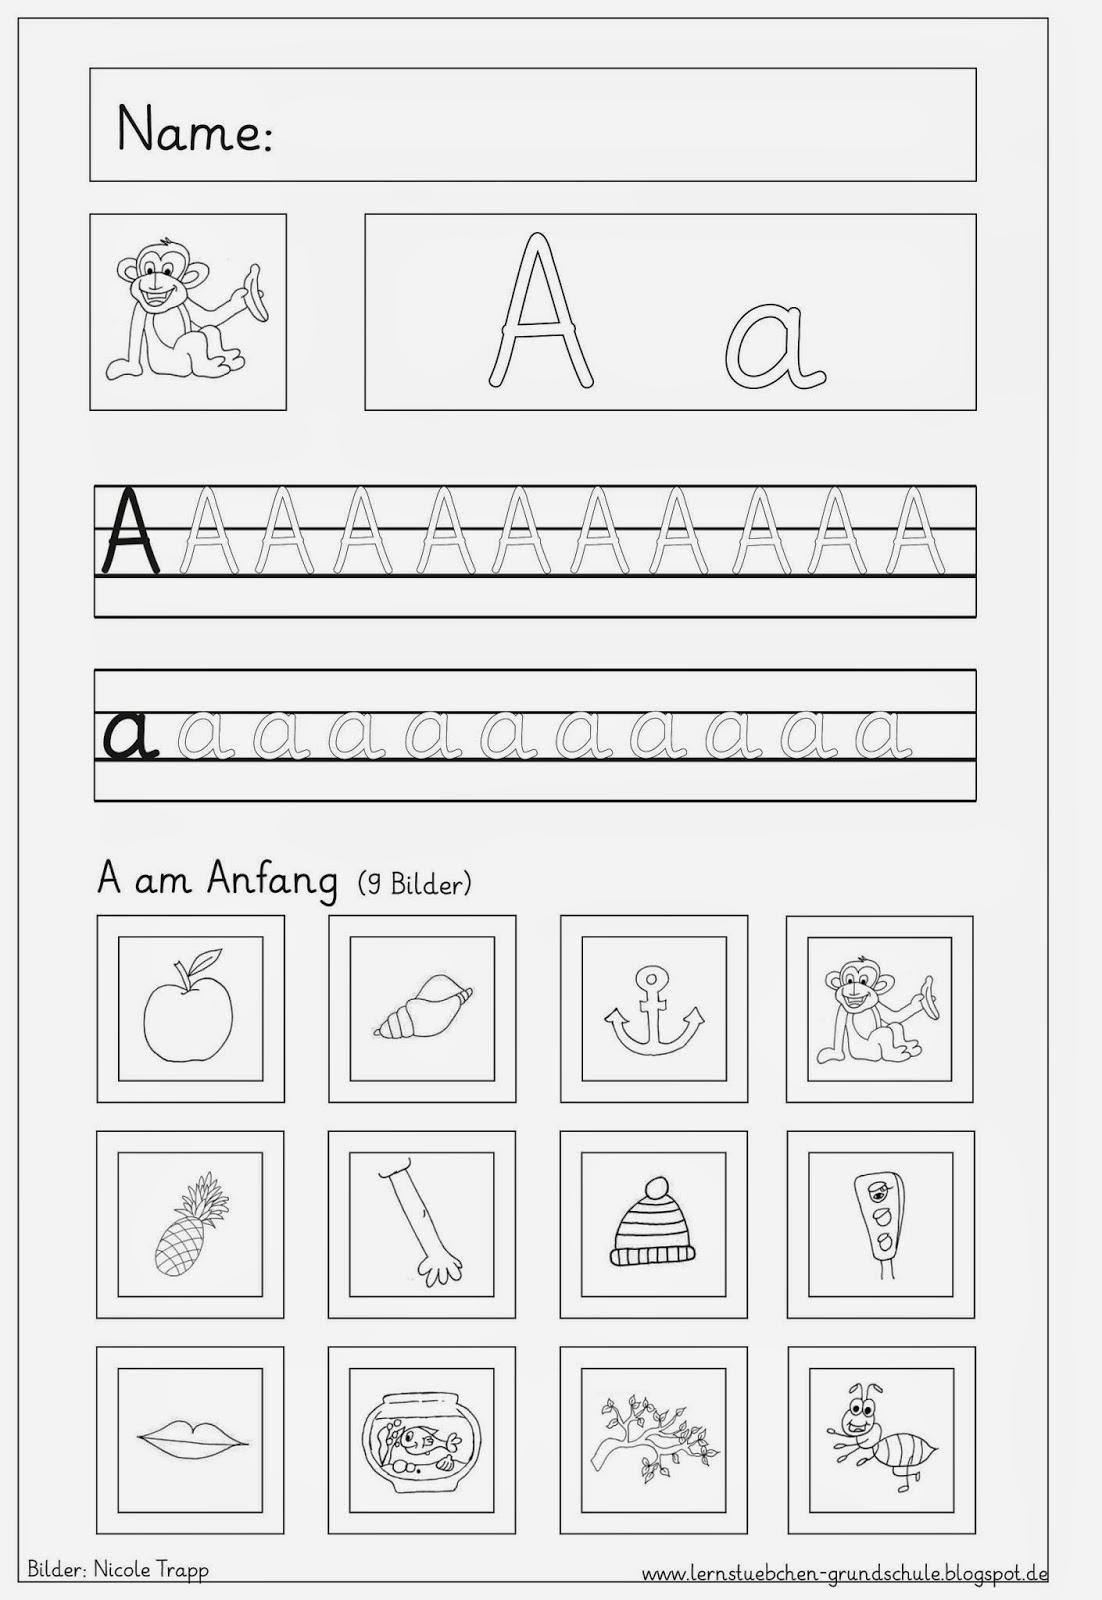 Arbeitsblatt Buchstaben Wiederholen : Lernstübchen vertiefungsblätter zu den eingeführten